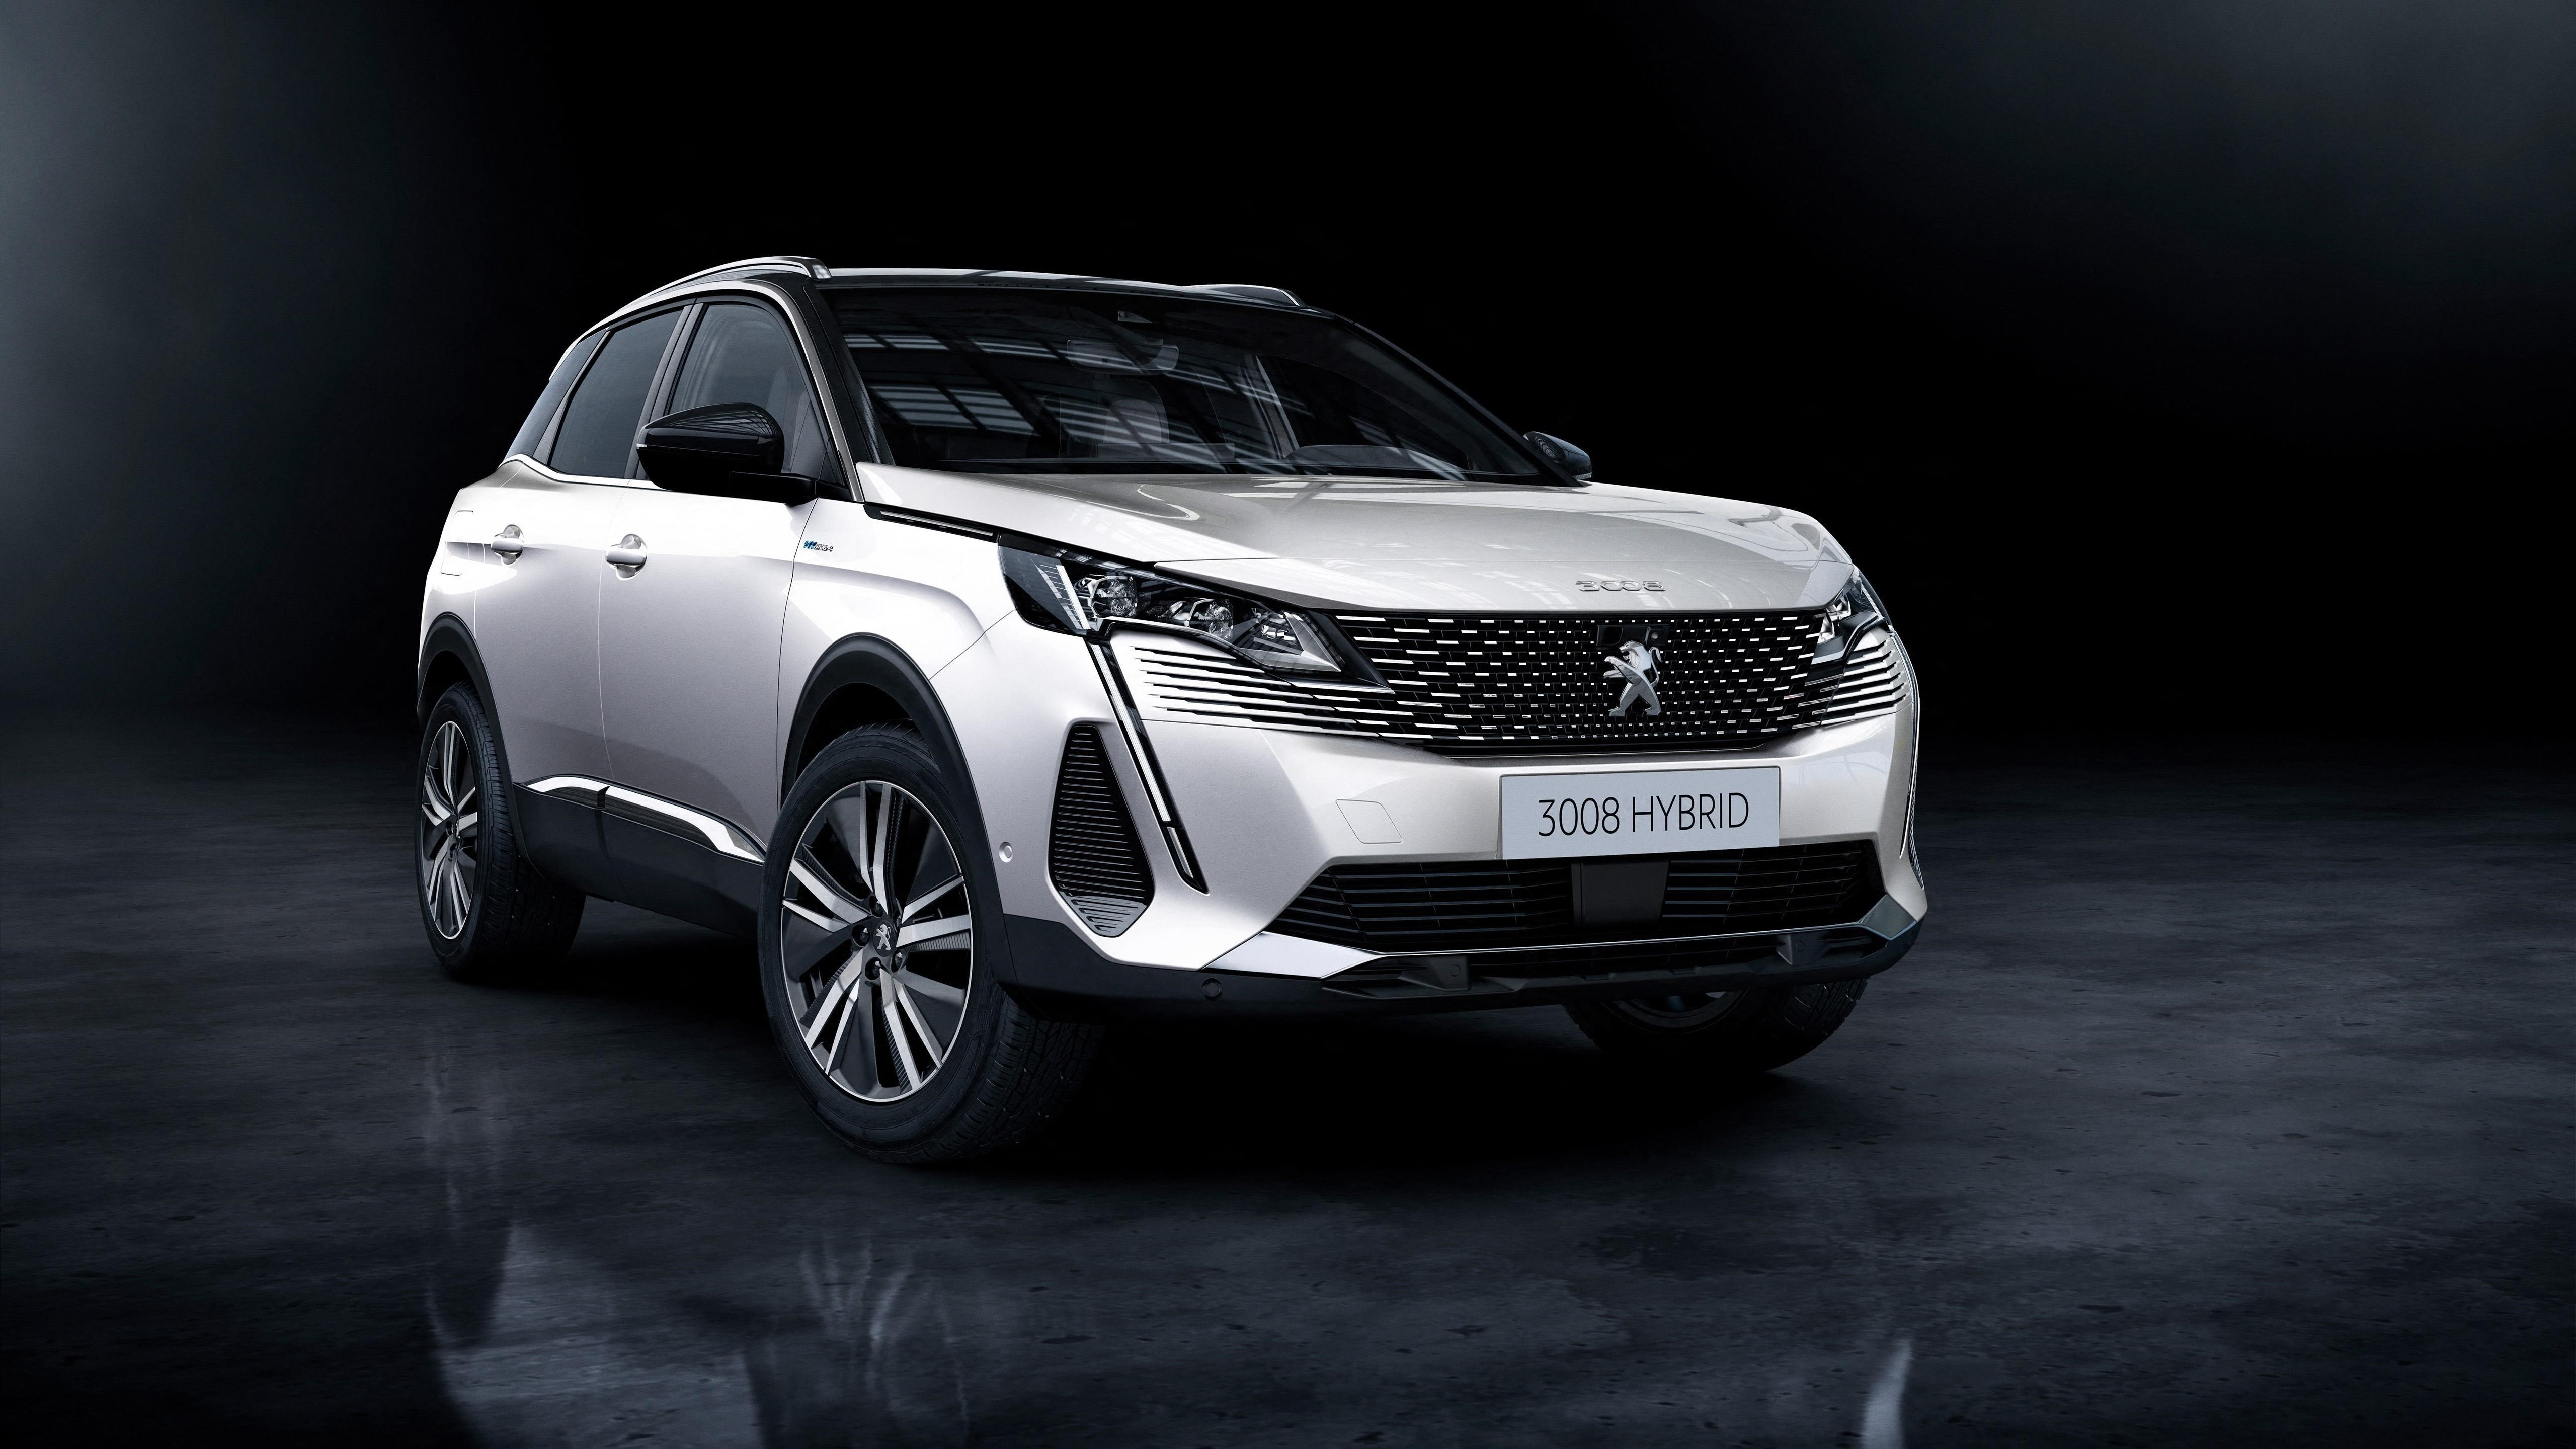 Peugeot 3008 hybrid4 2020 автомобили обои скачать